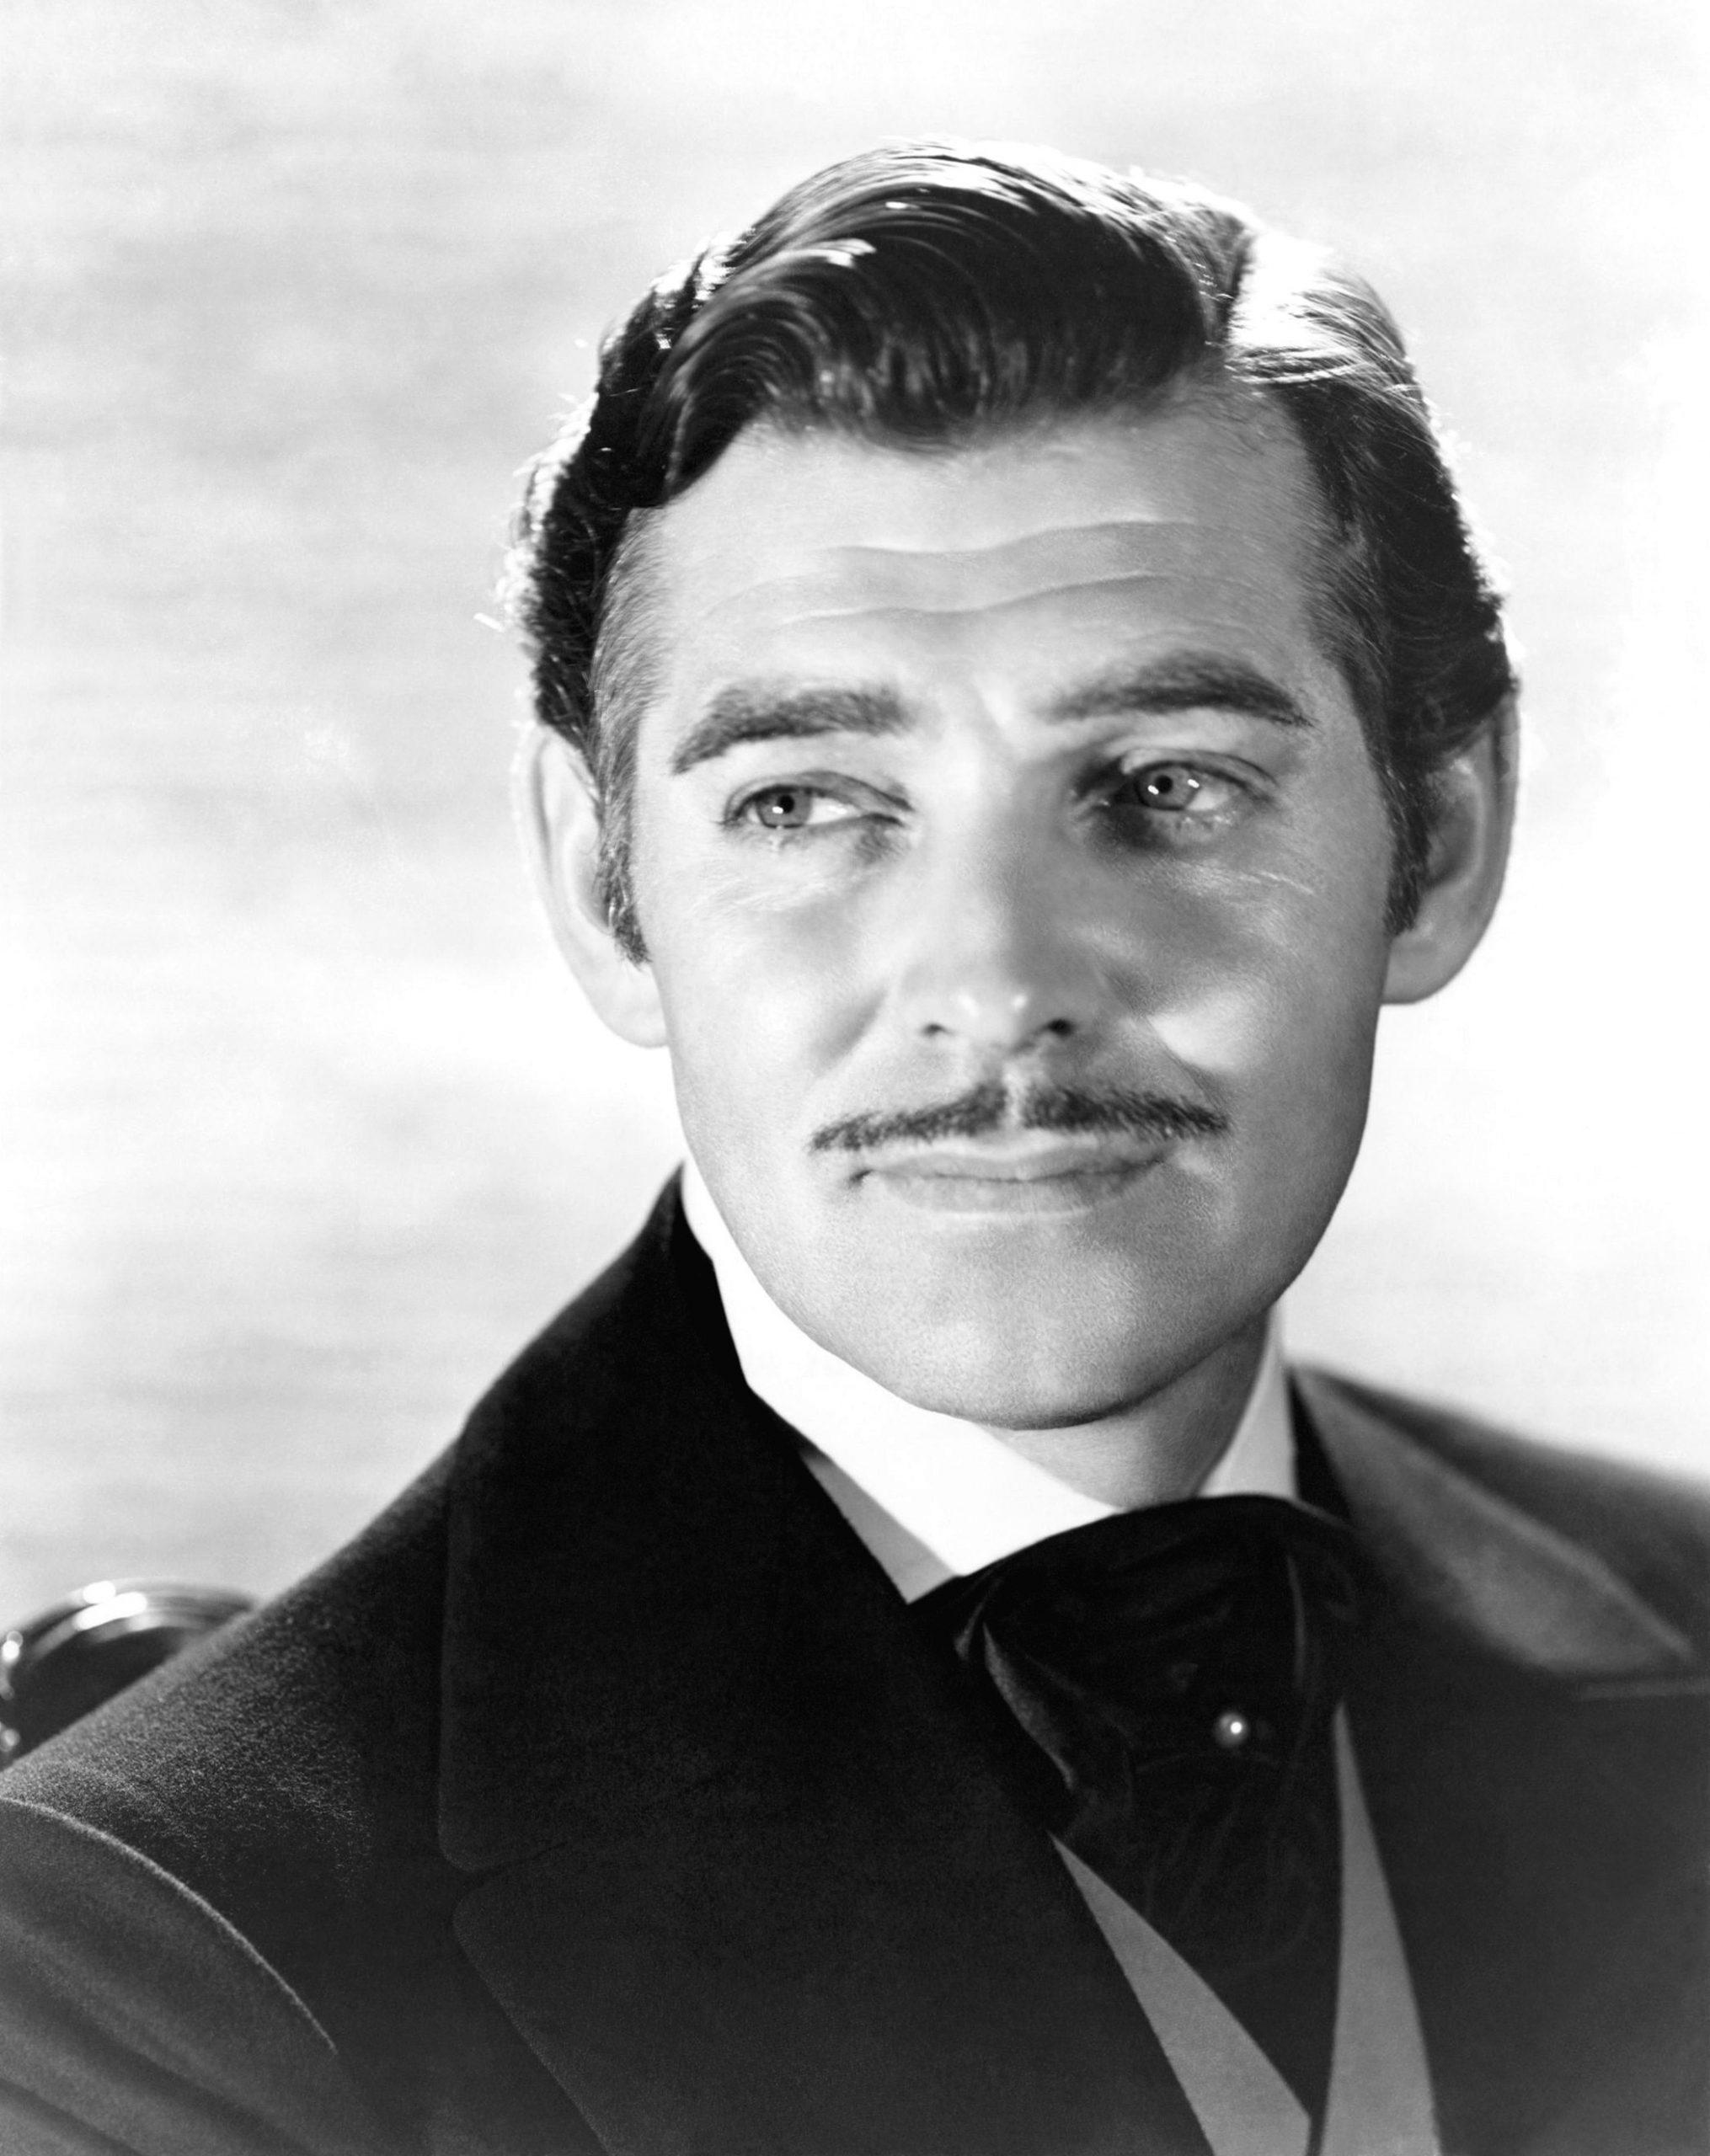 Clark Gable scaled